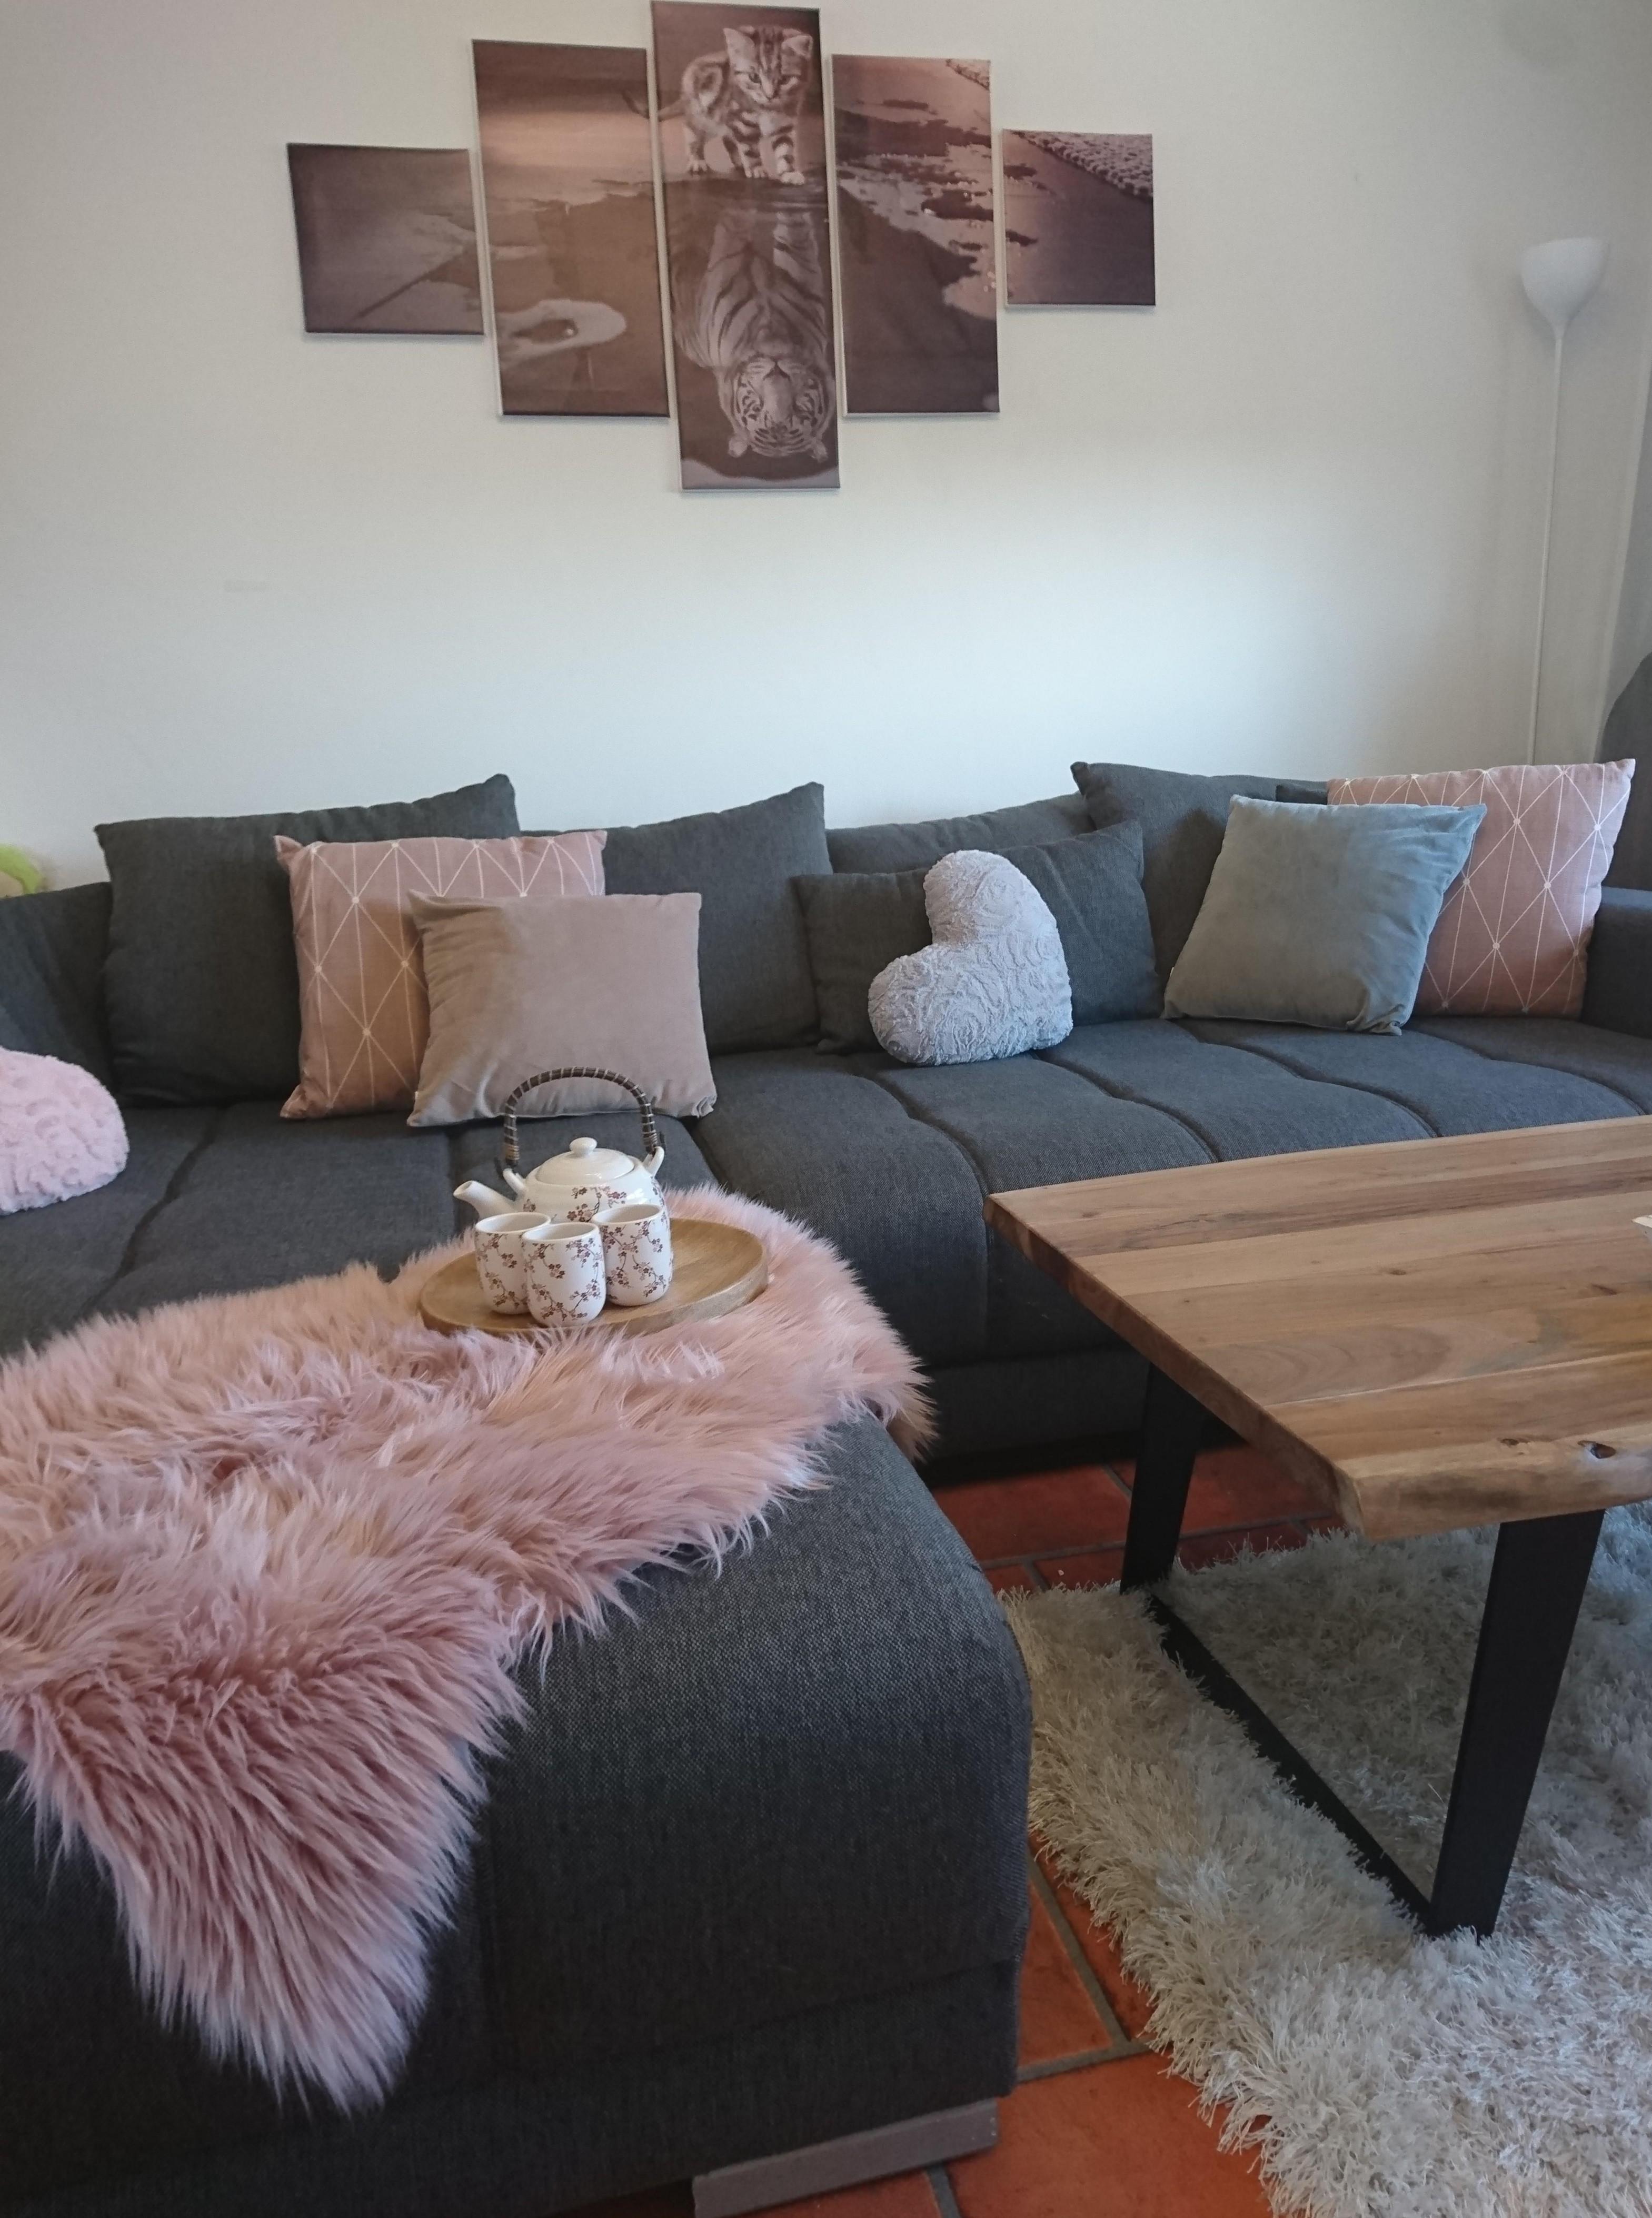 Schlafzimmer Deko Ideen Grau Rosa – Caseconrad von Wohnzimmer Ideen Grau Rosa Photo